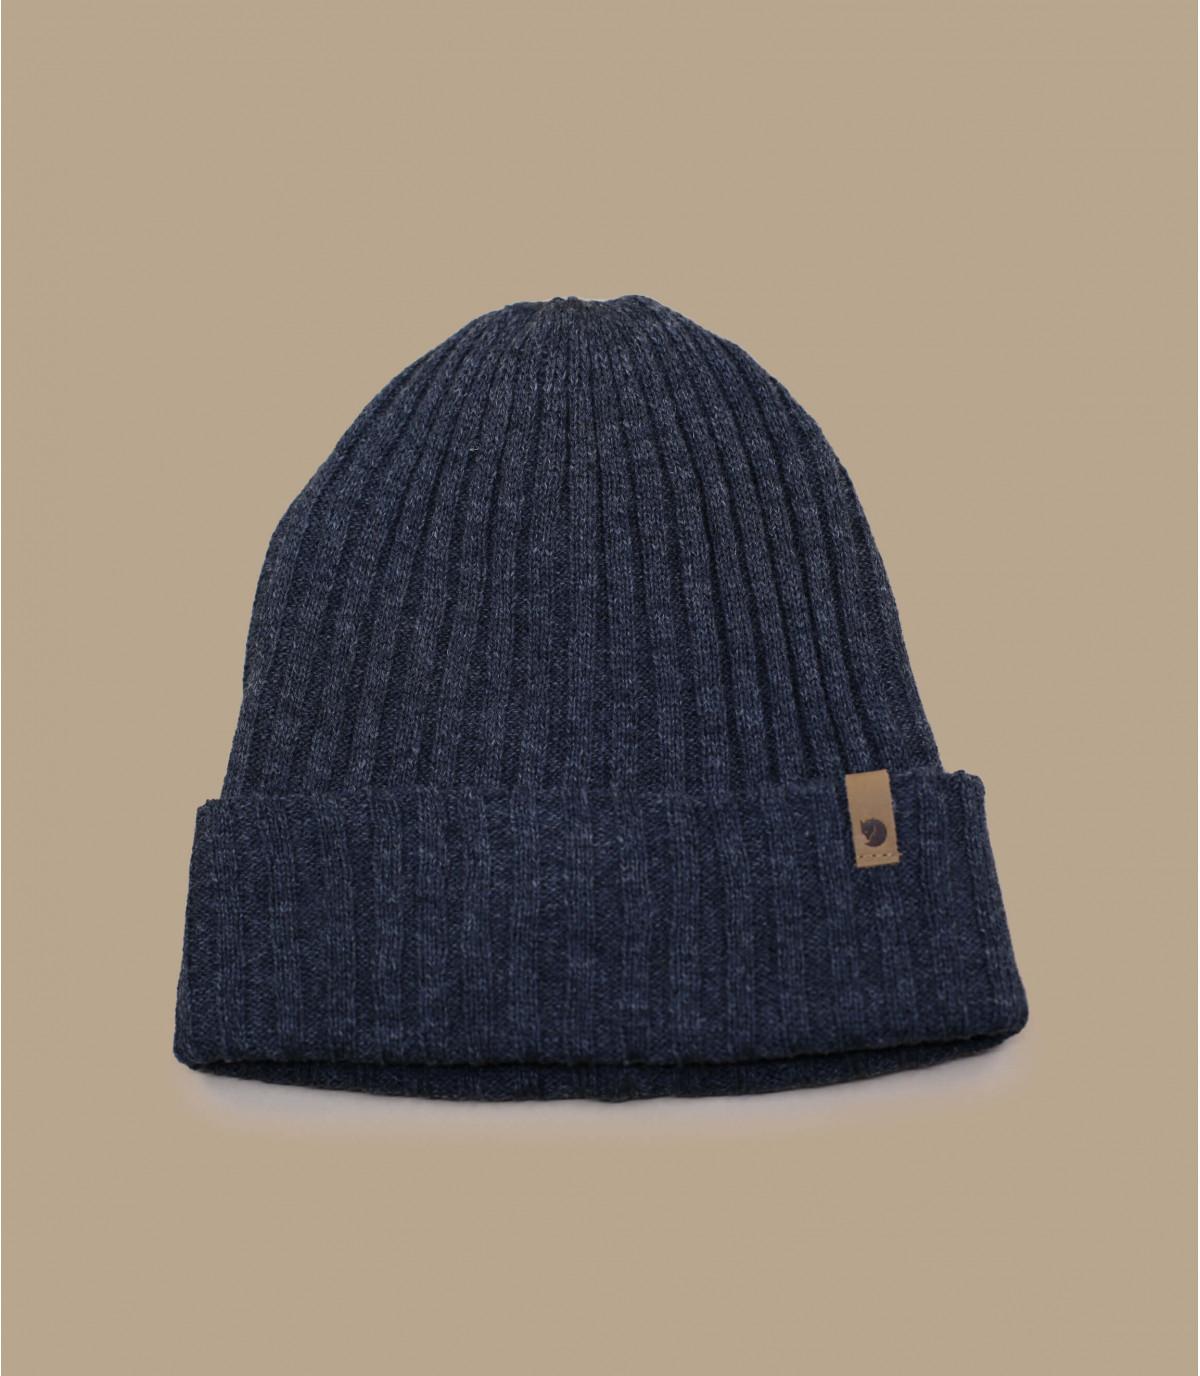 Mütze Revers grau Fjällräven